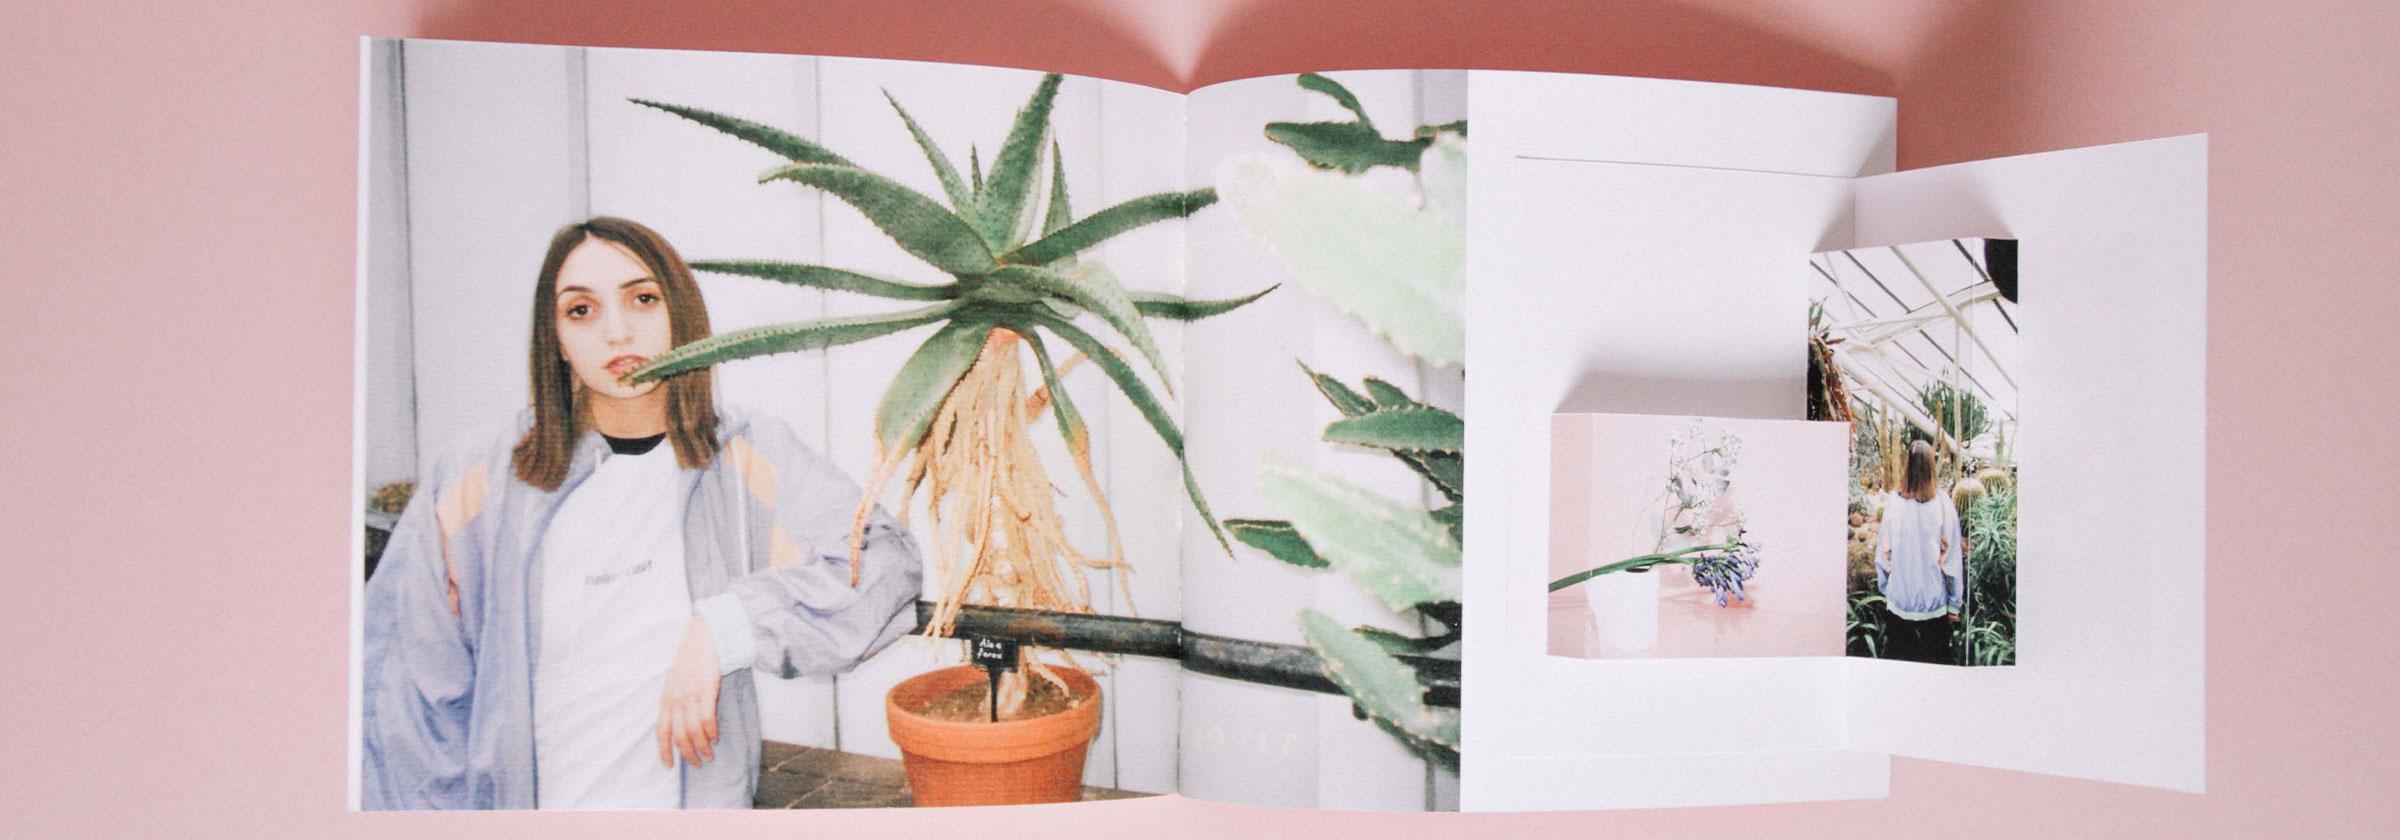 Creative Direction for Fashion Alumna Ashley Yang's Work